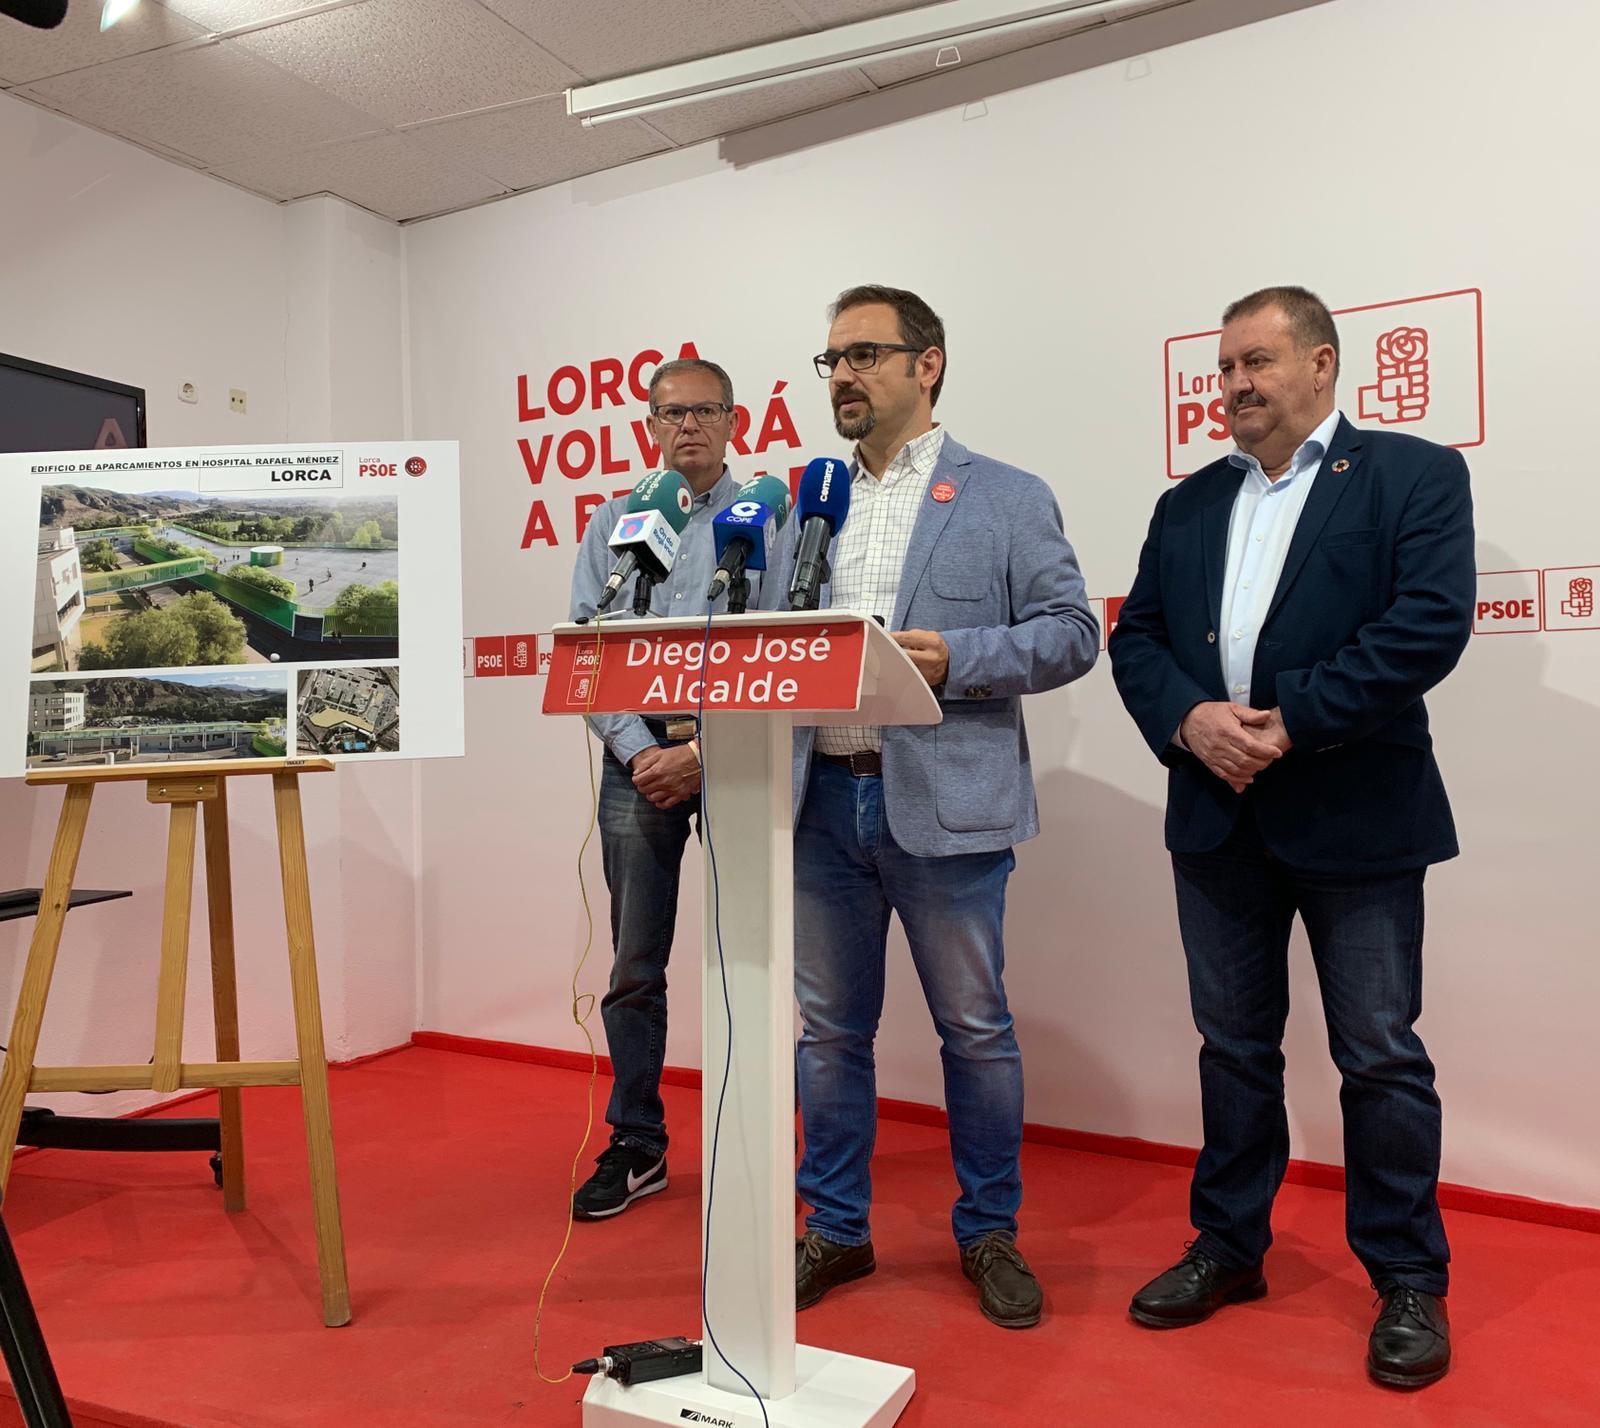 """Diego José Mateos: """"Vamos a impulsar la ampliación del aparcamiento público en el hospital Rafael Méndez para solucionar el grave problema de aparcamiento que sufrimos los lorquinos"""""""